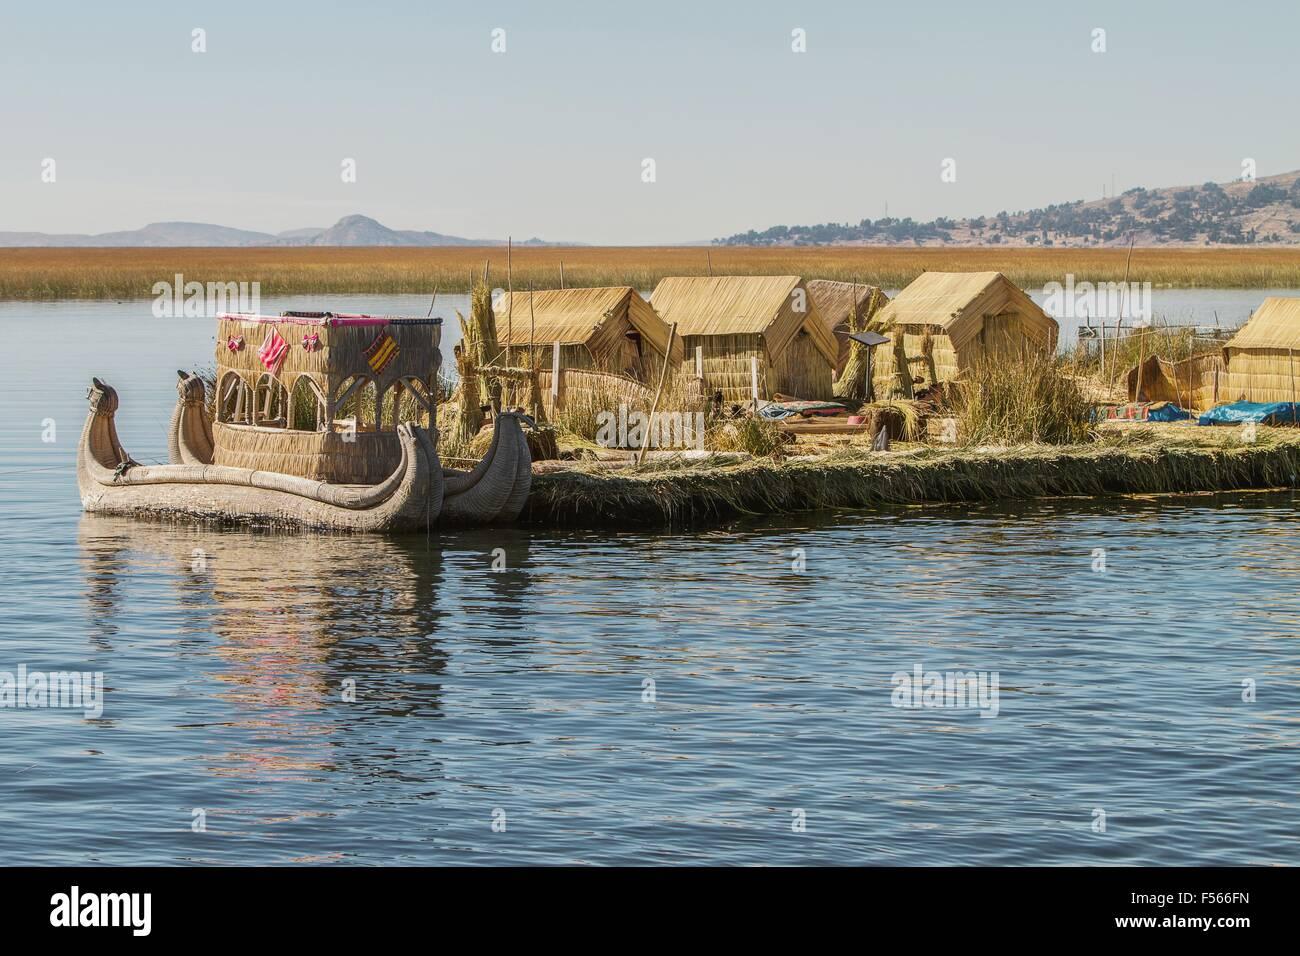 Vue de l'ile flottante Uros, Lac Titicaca, Pérou, Bolivie et reed bateau avec son reflet. Photo Stock